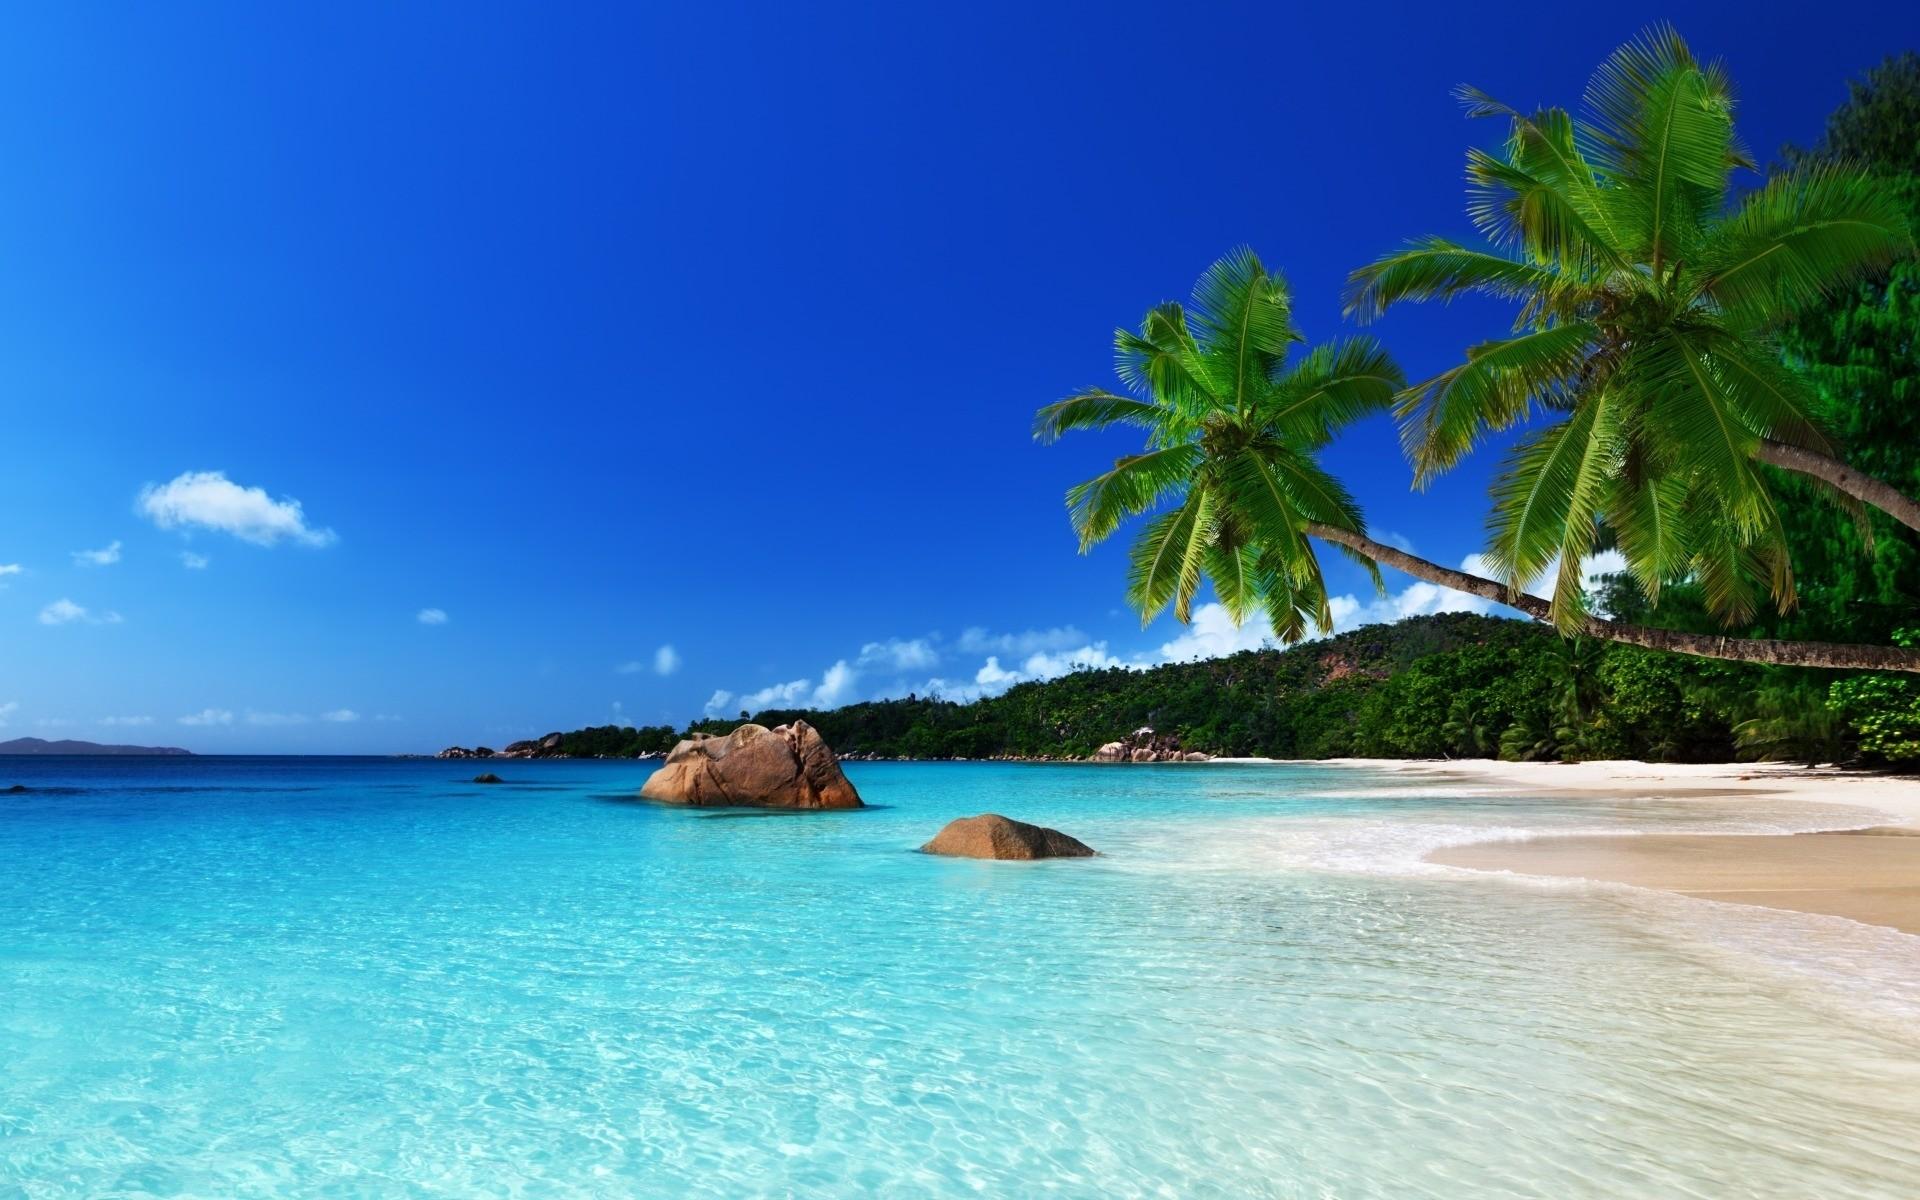 Морской пейзаж картинки скачать бесплатно на 12